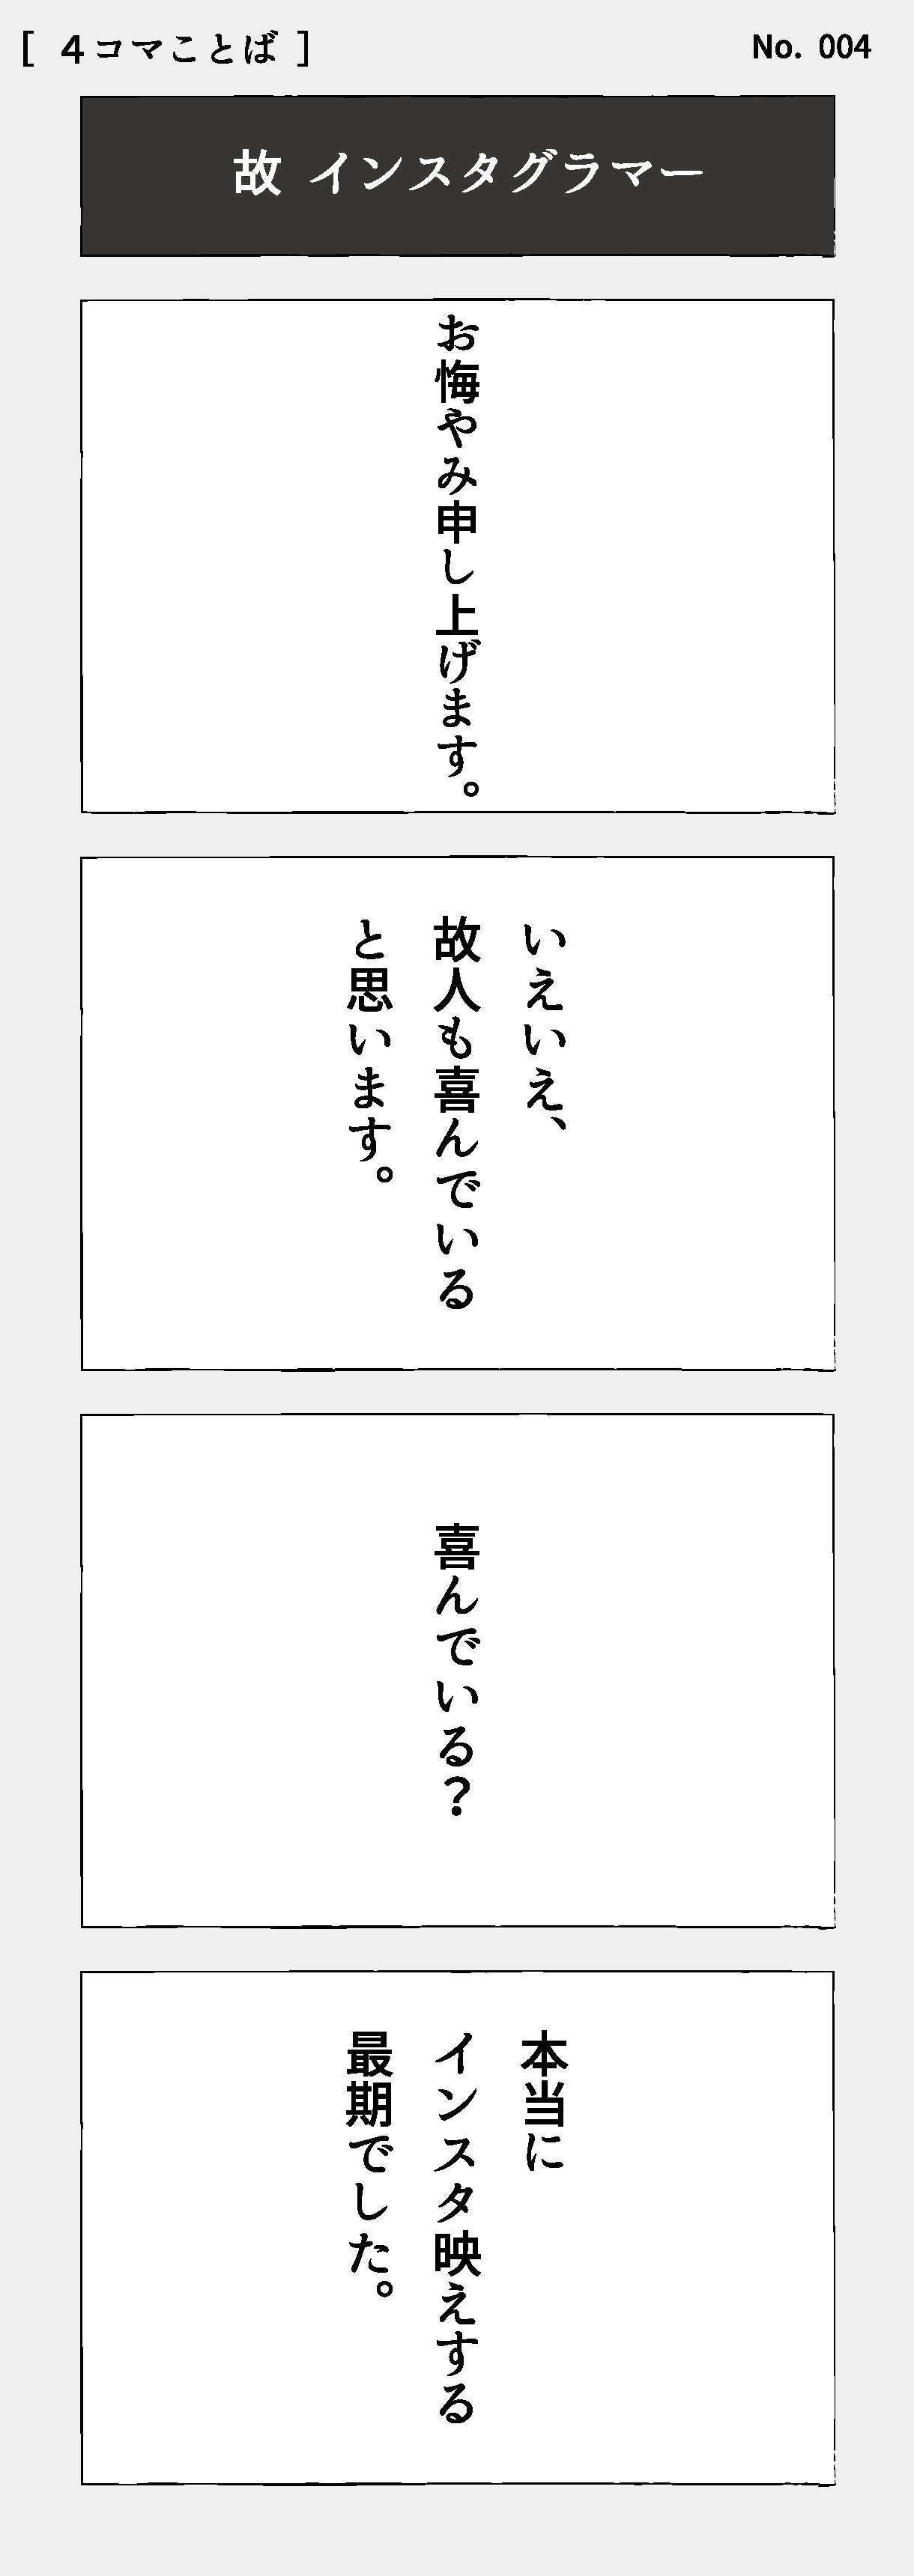 yonkoto004